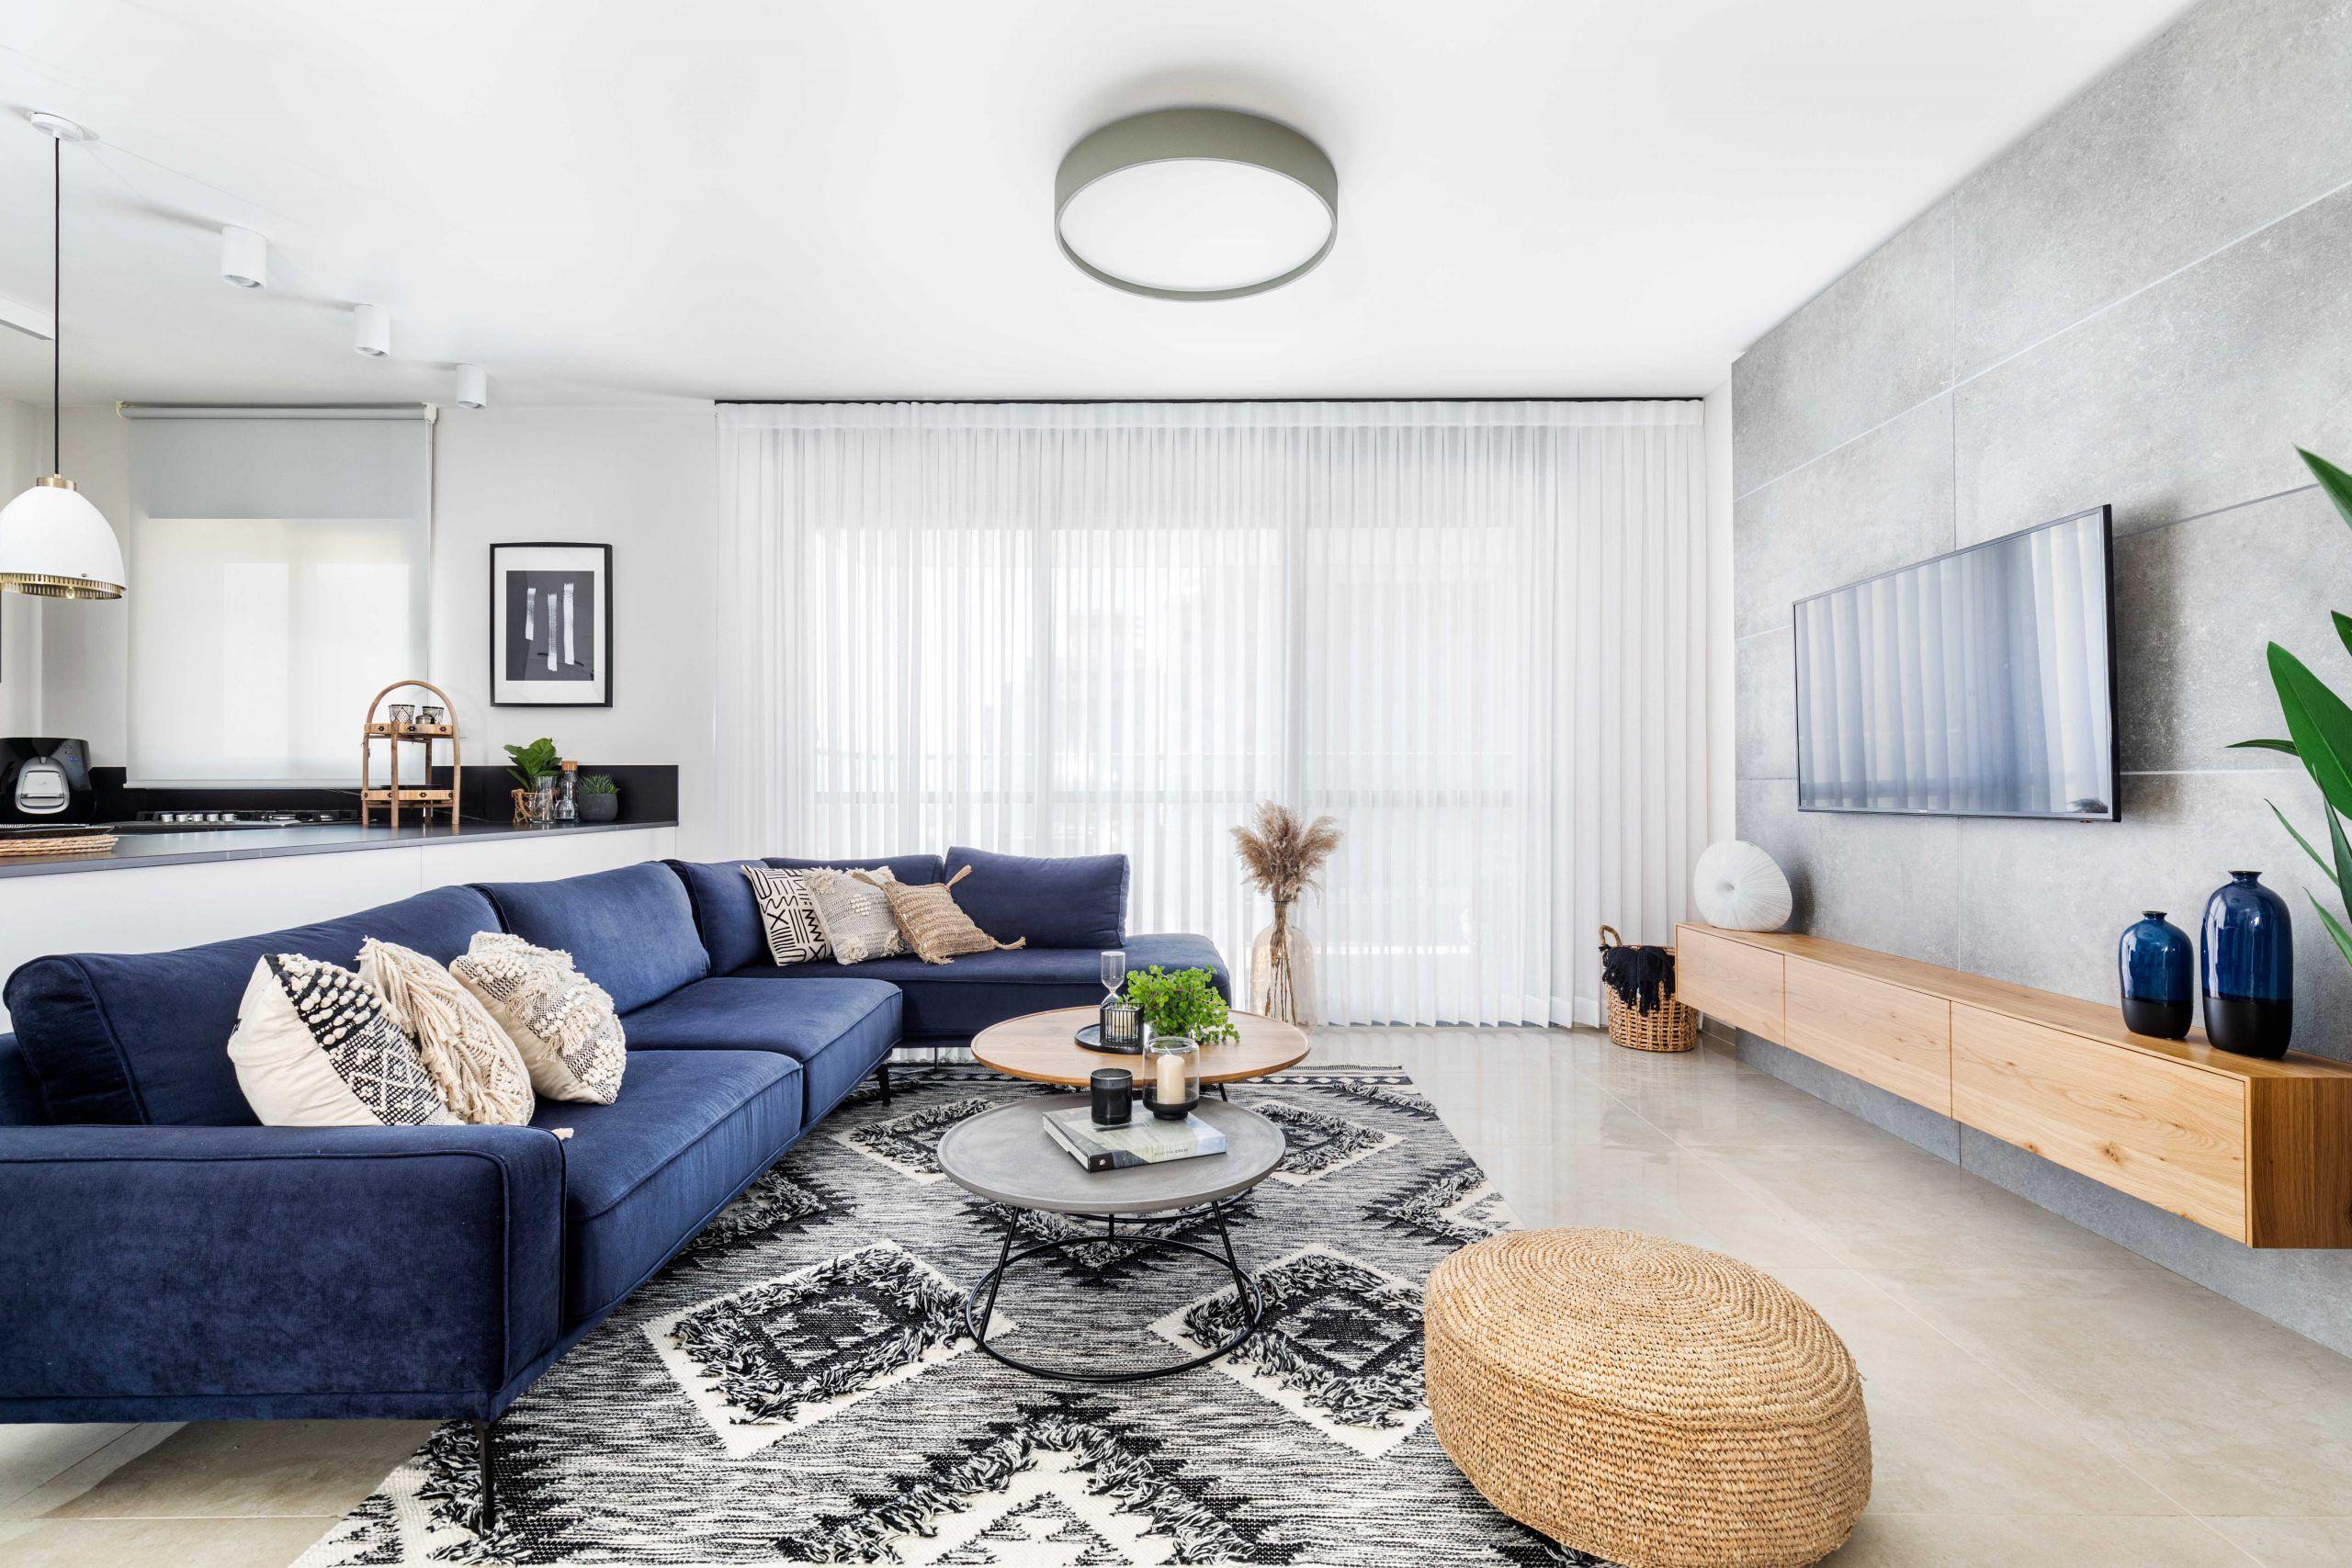 שטיחי רשת השטיח האדום - עיצוב שושה צילום אורית ארנון